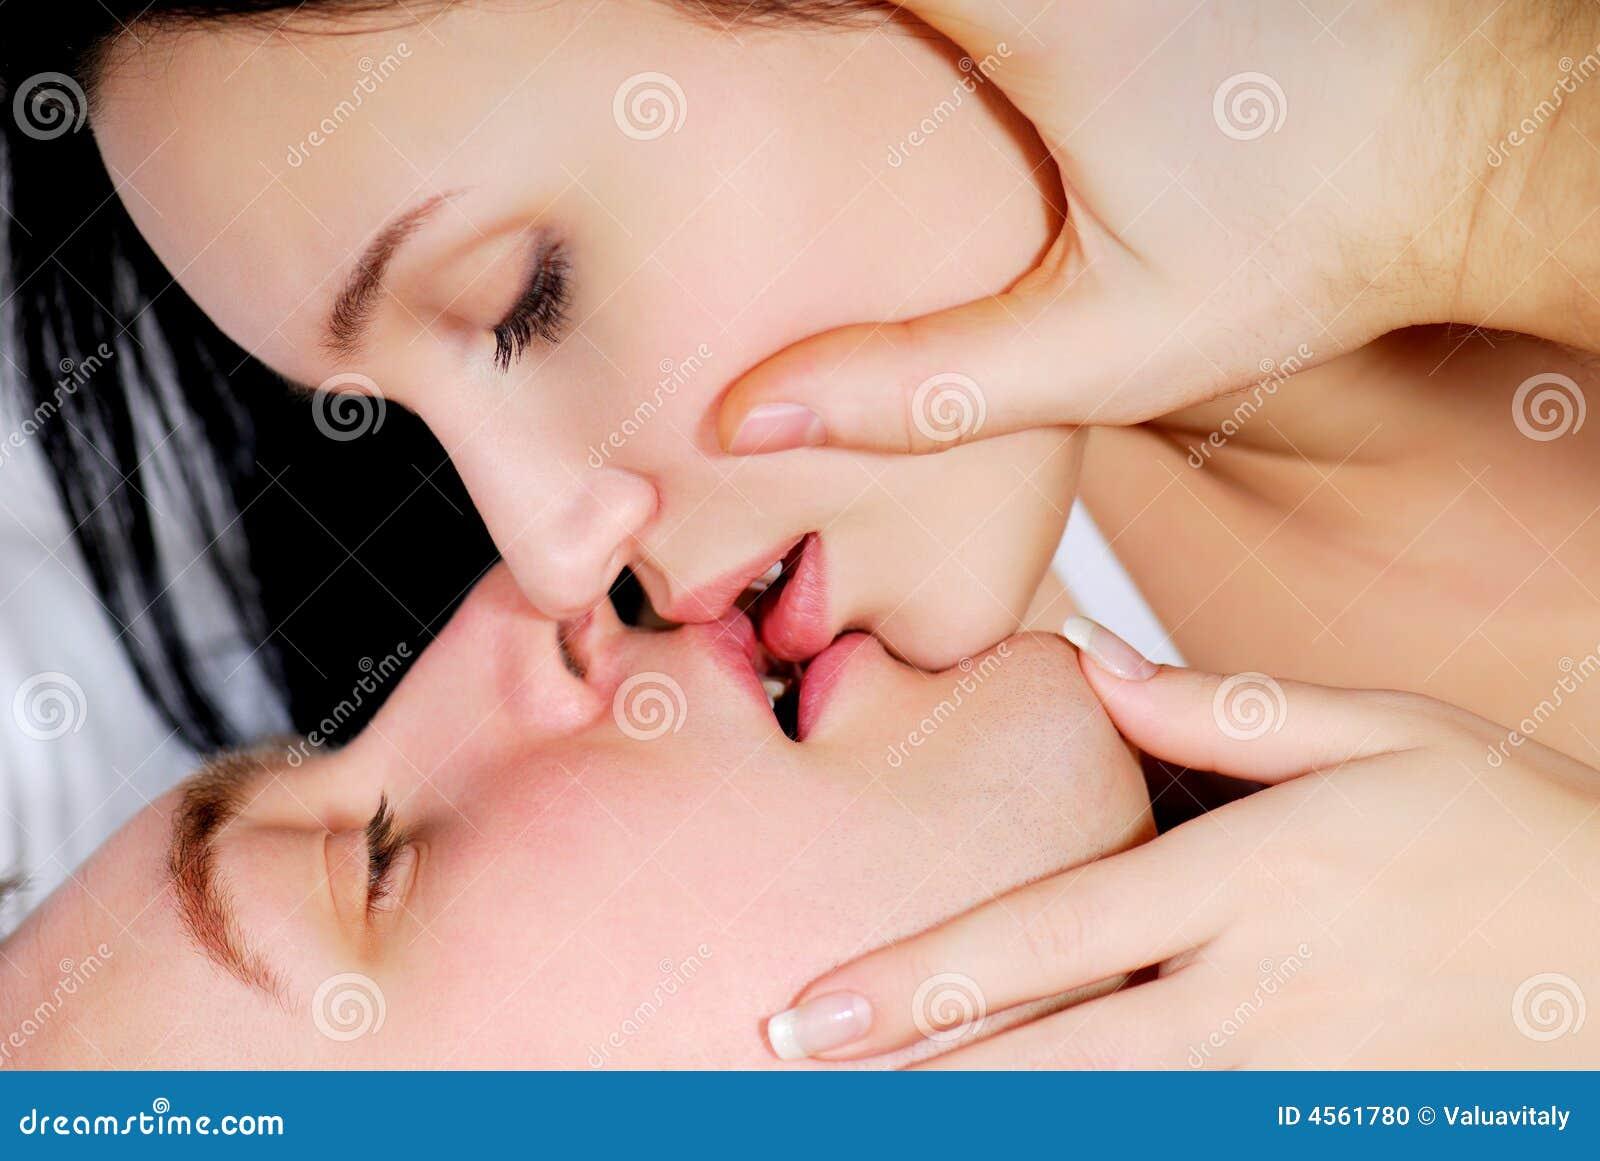 Секс при лечении половых инфекций 16 фотография